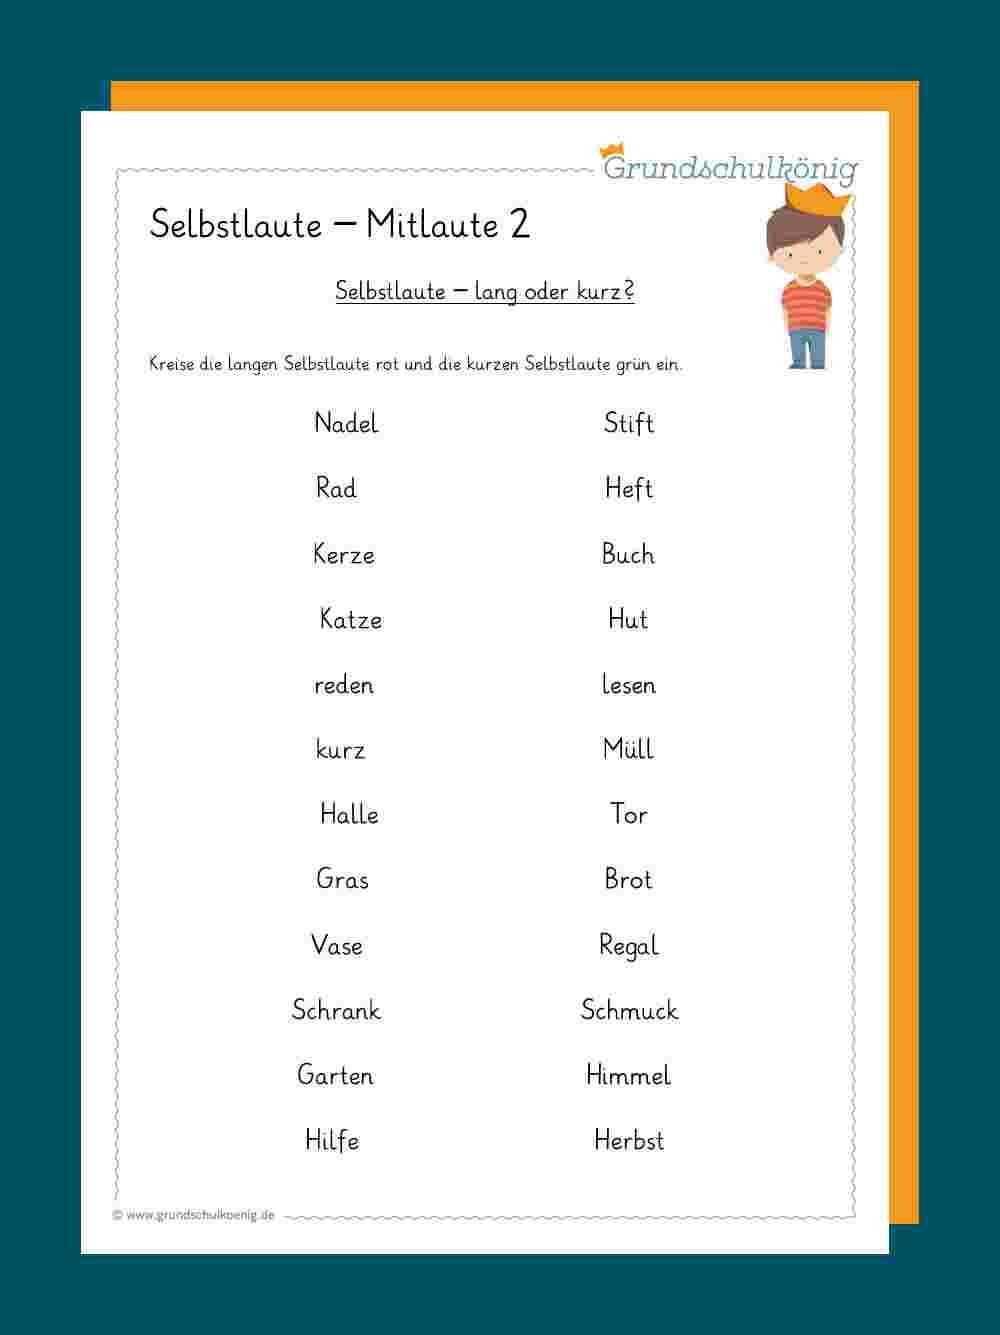 Selbstlaute / Mitlaute bestimmt für Wörter Die Mit Ü Beginnen